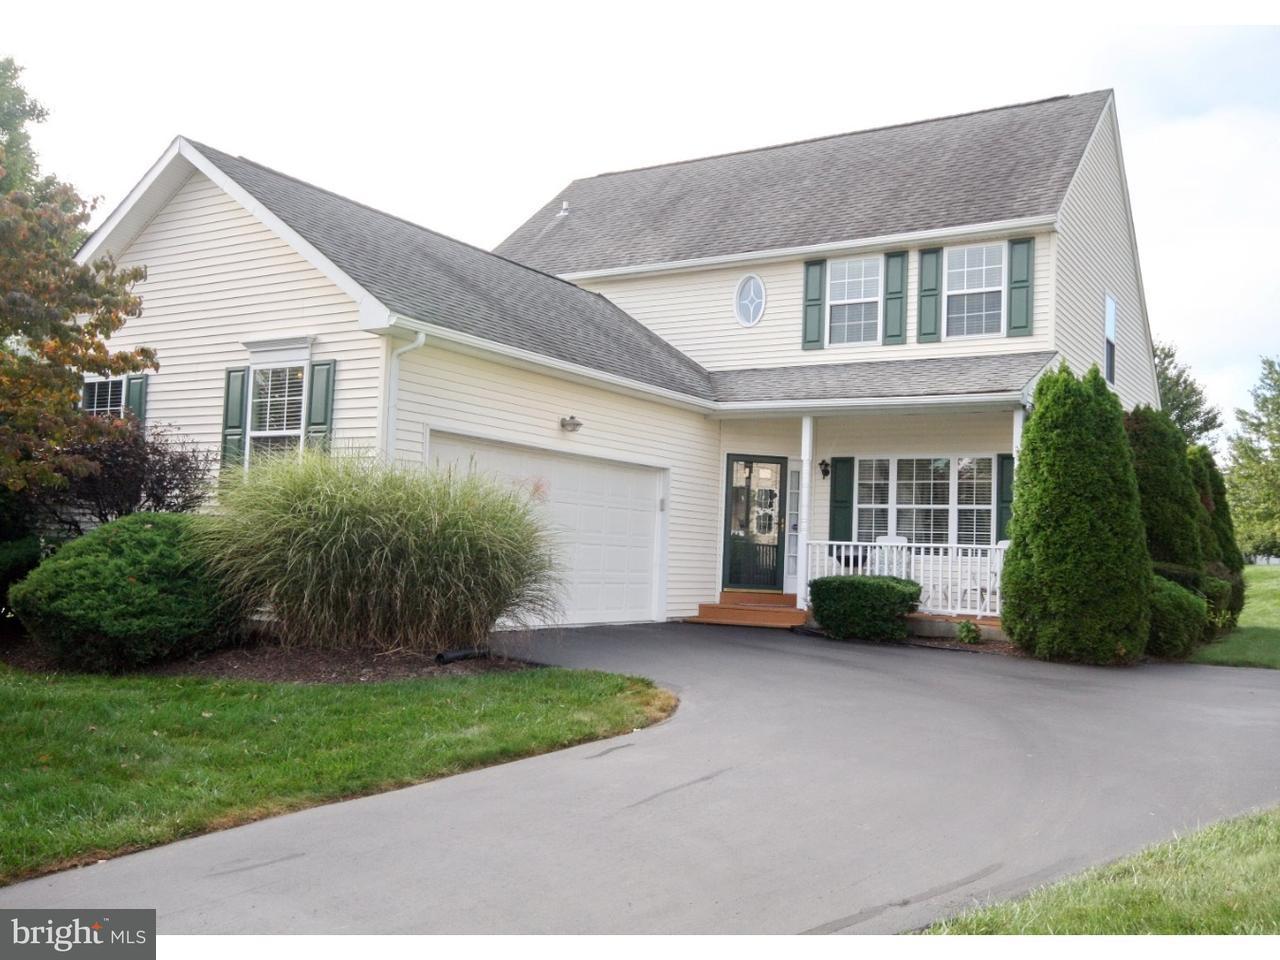 Maison unifamiliale pour l Vente à 209 PENN RIDGE Court West Grove, Pennsylvanie 19390 États-Unis